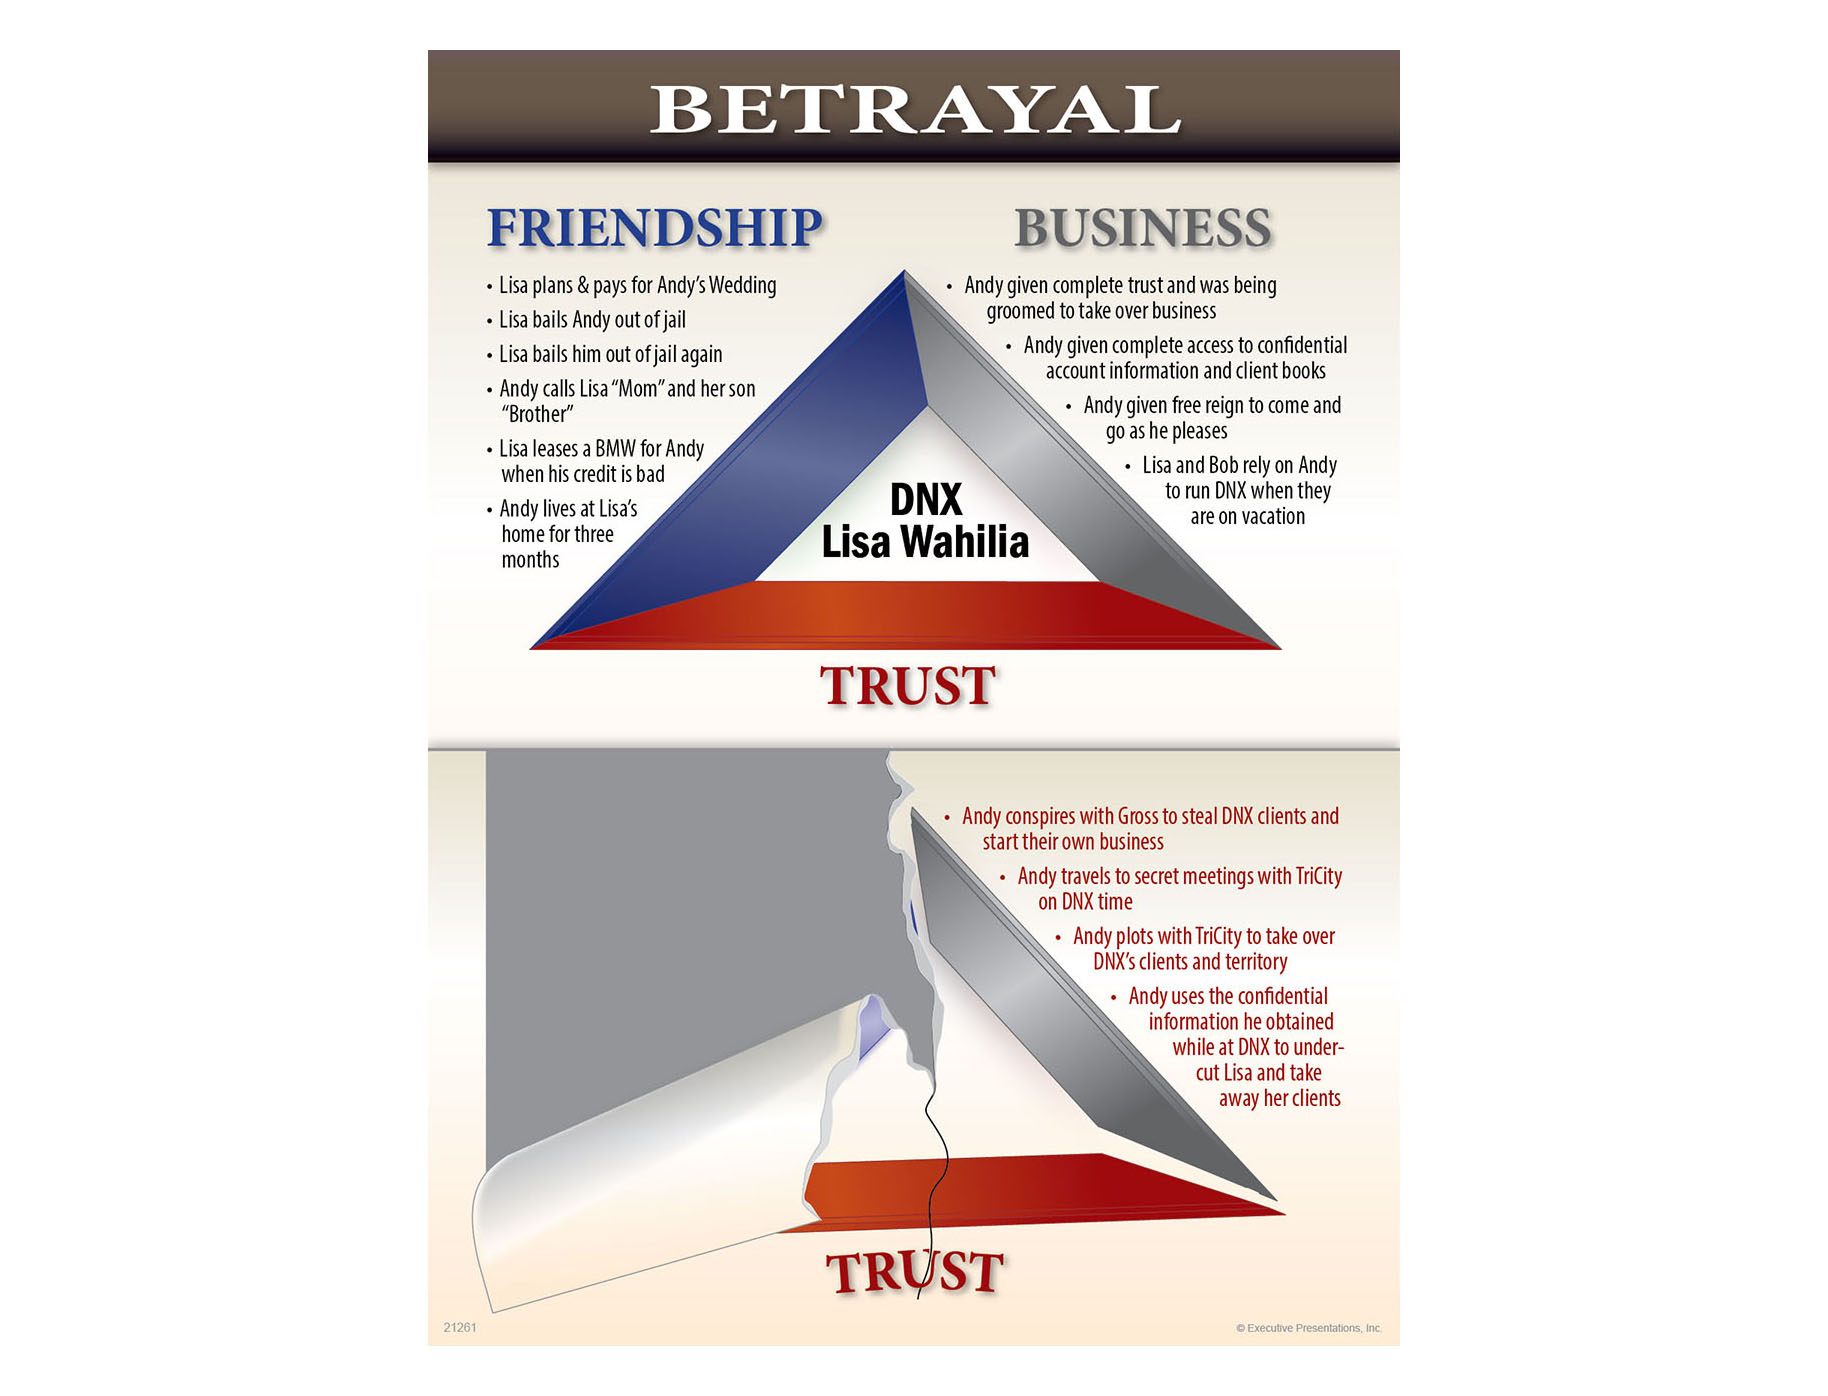 Betrayal-21261